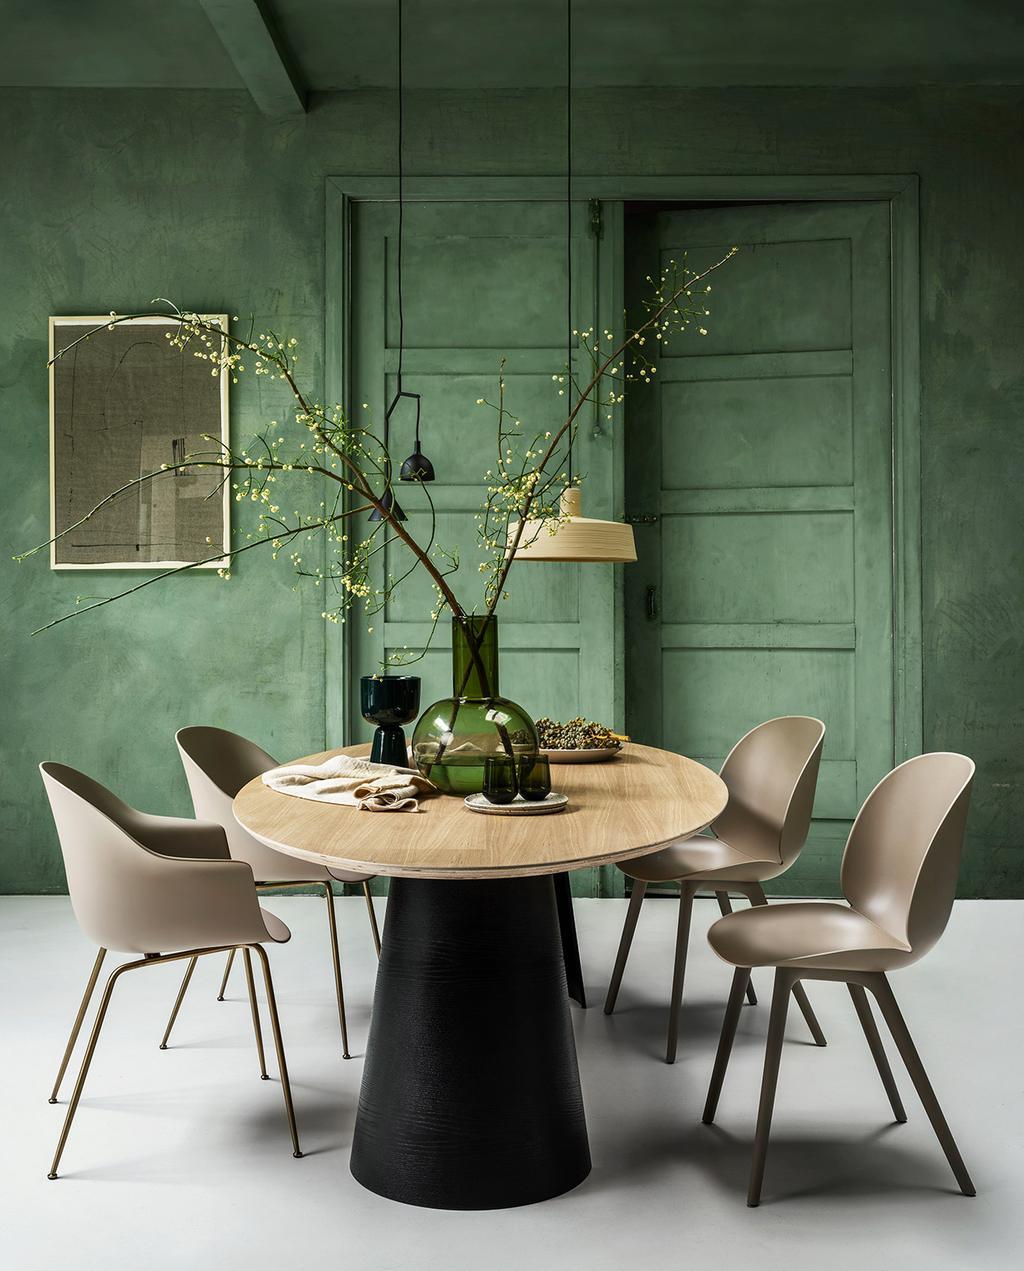 vtwonen 01-2021 | eetkamer met ronde tafel en groene achtermuur